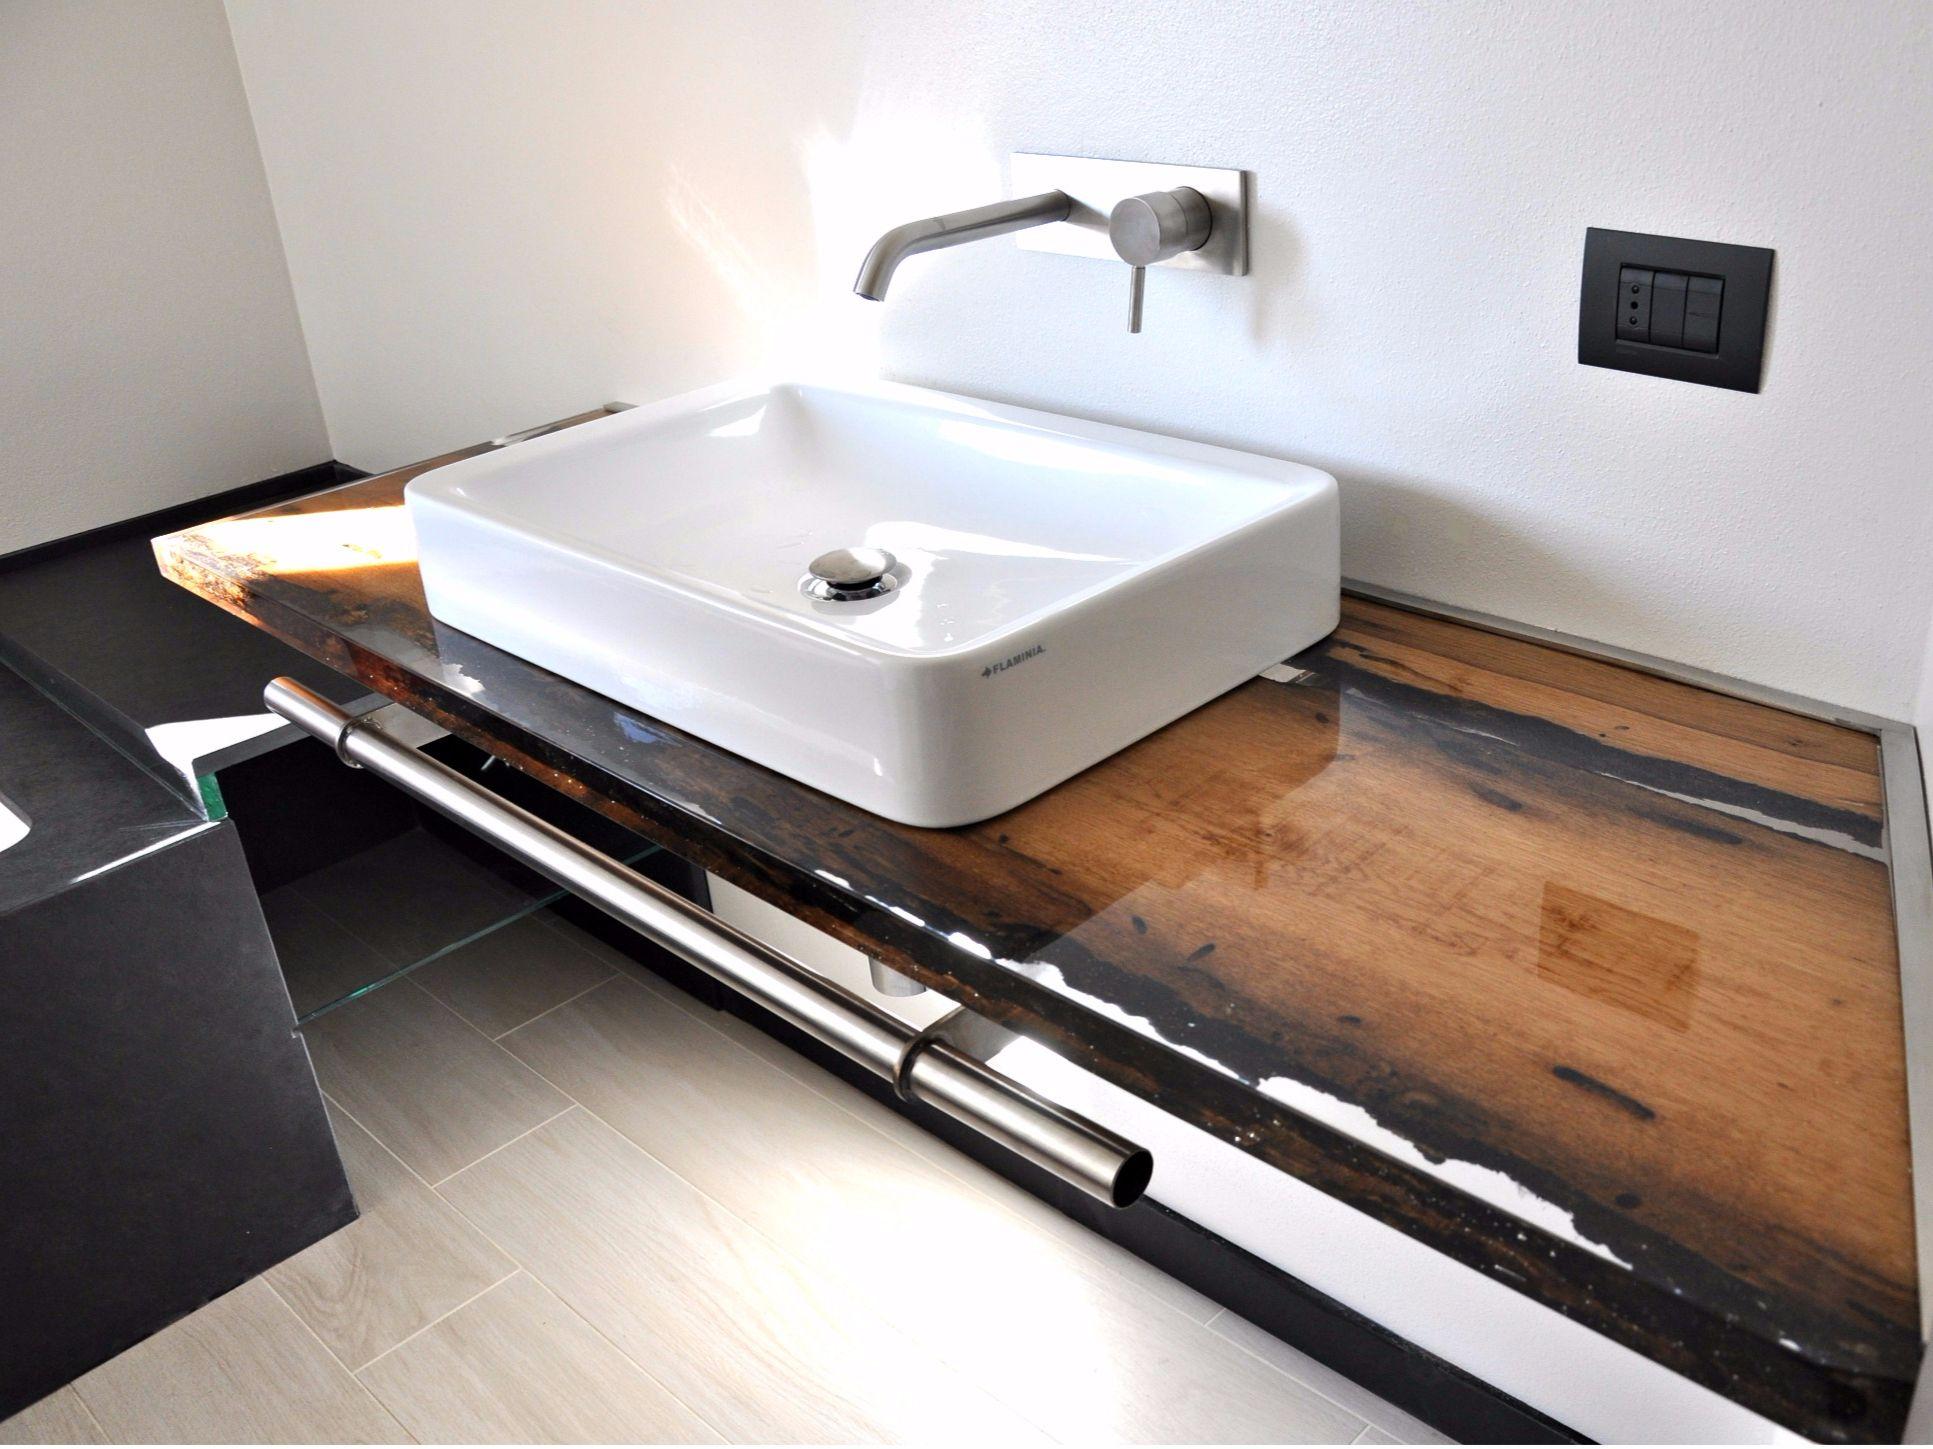 Piani lavabo in legno di briccola | Archiproducts